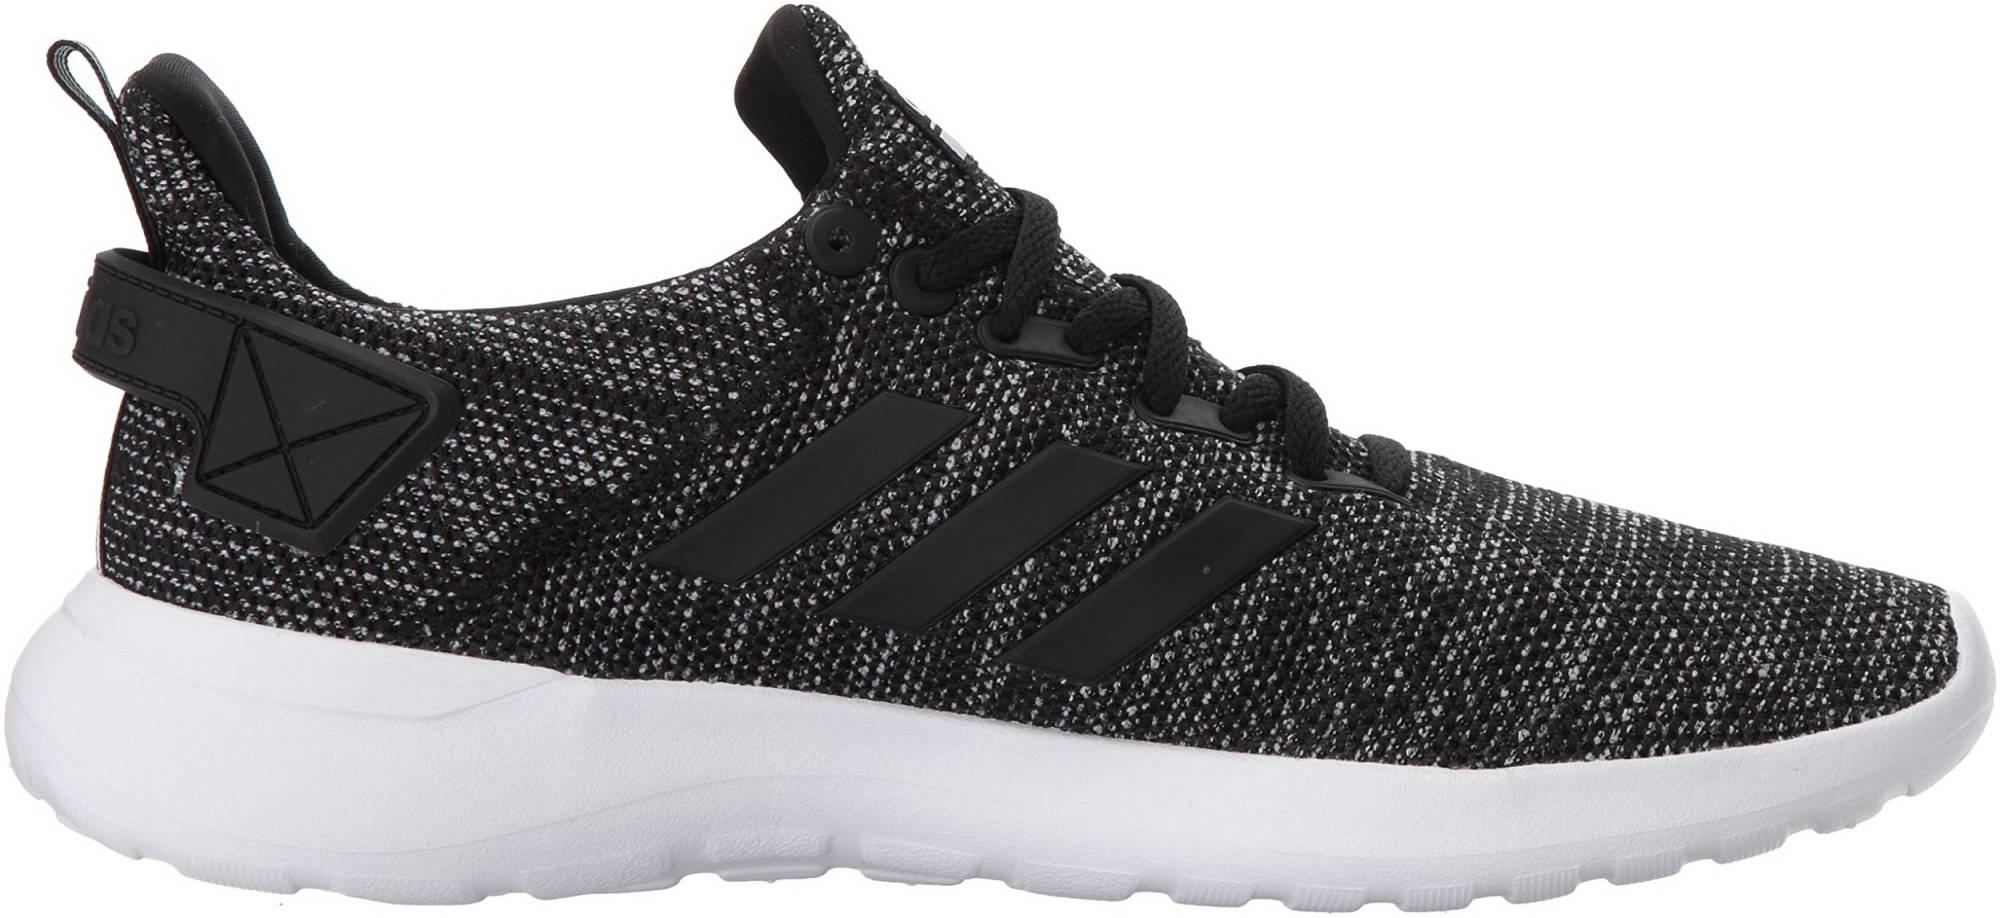 Convencional Pronunciar fácilmente  Adidas Lite Racer BYD – Shoes Reviews & Reasons To Buy